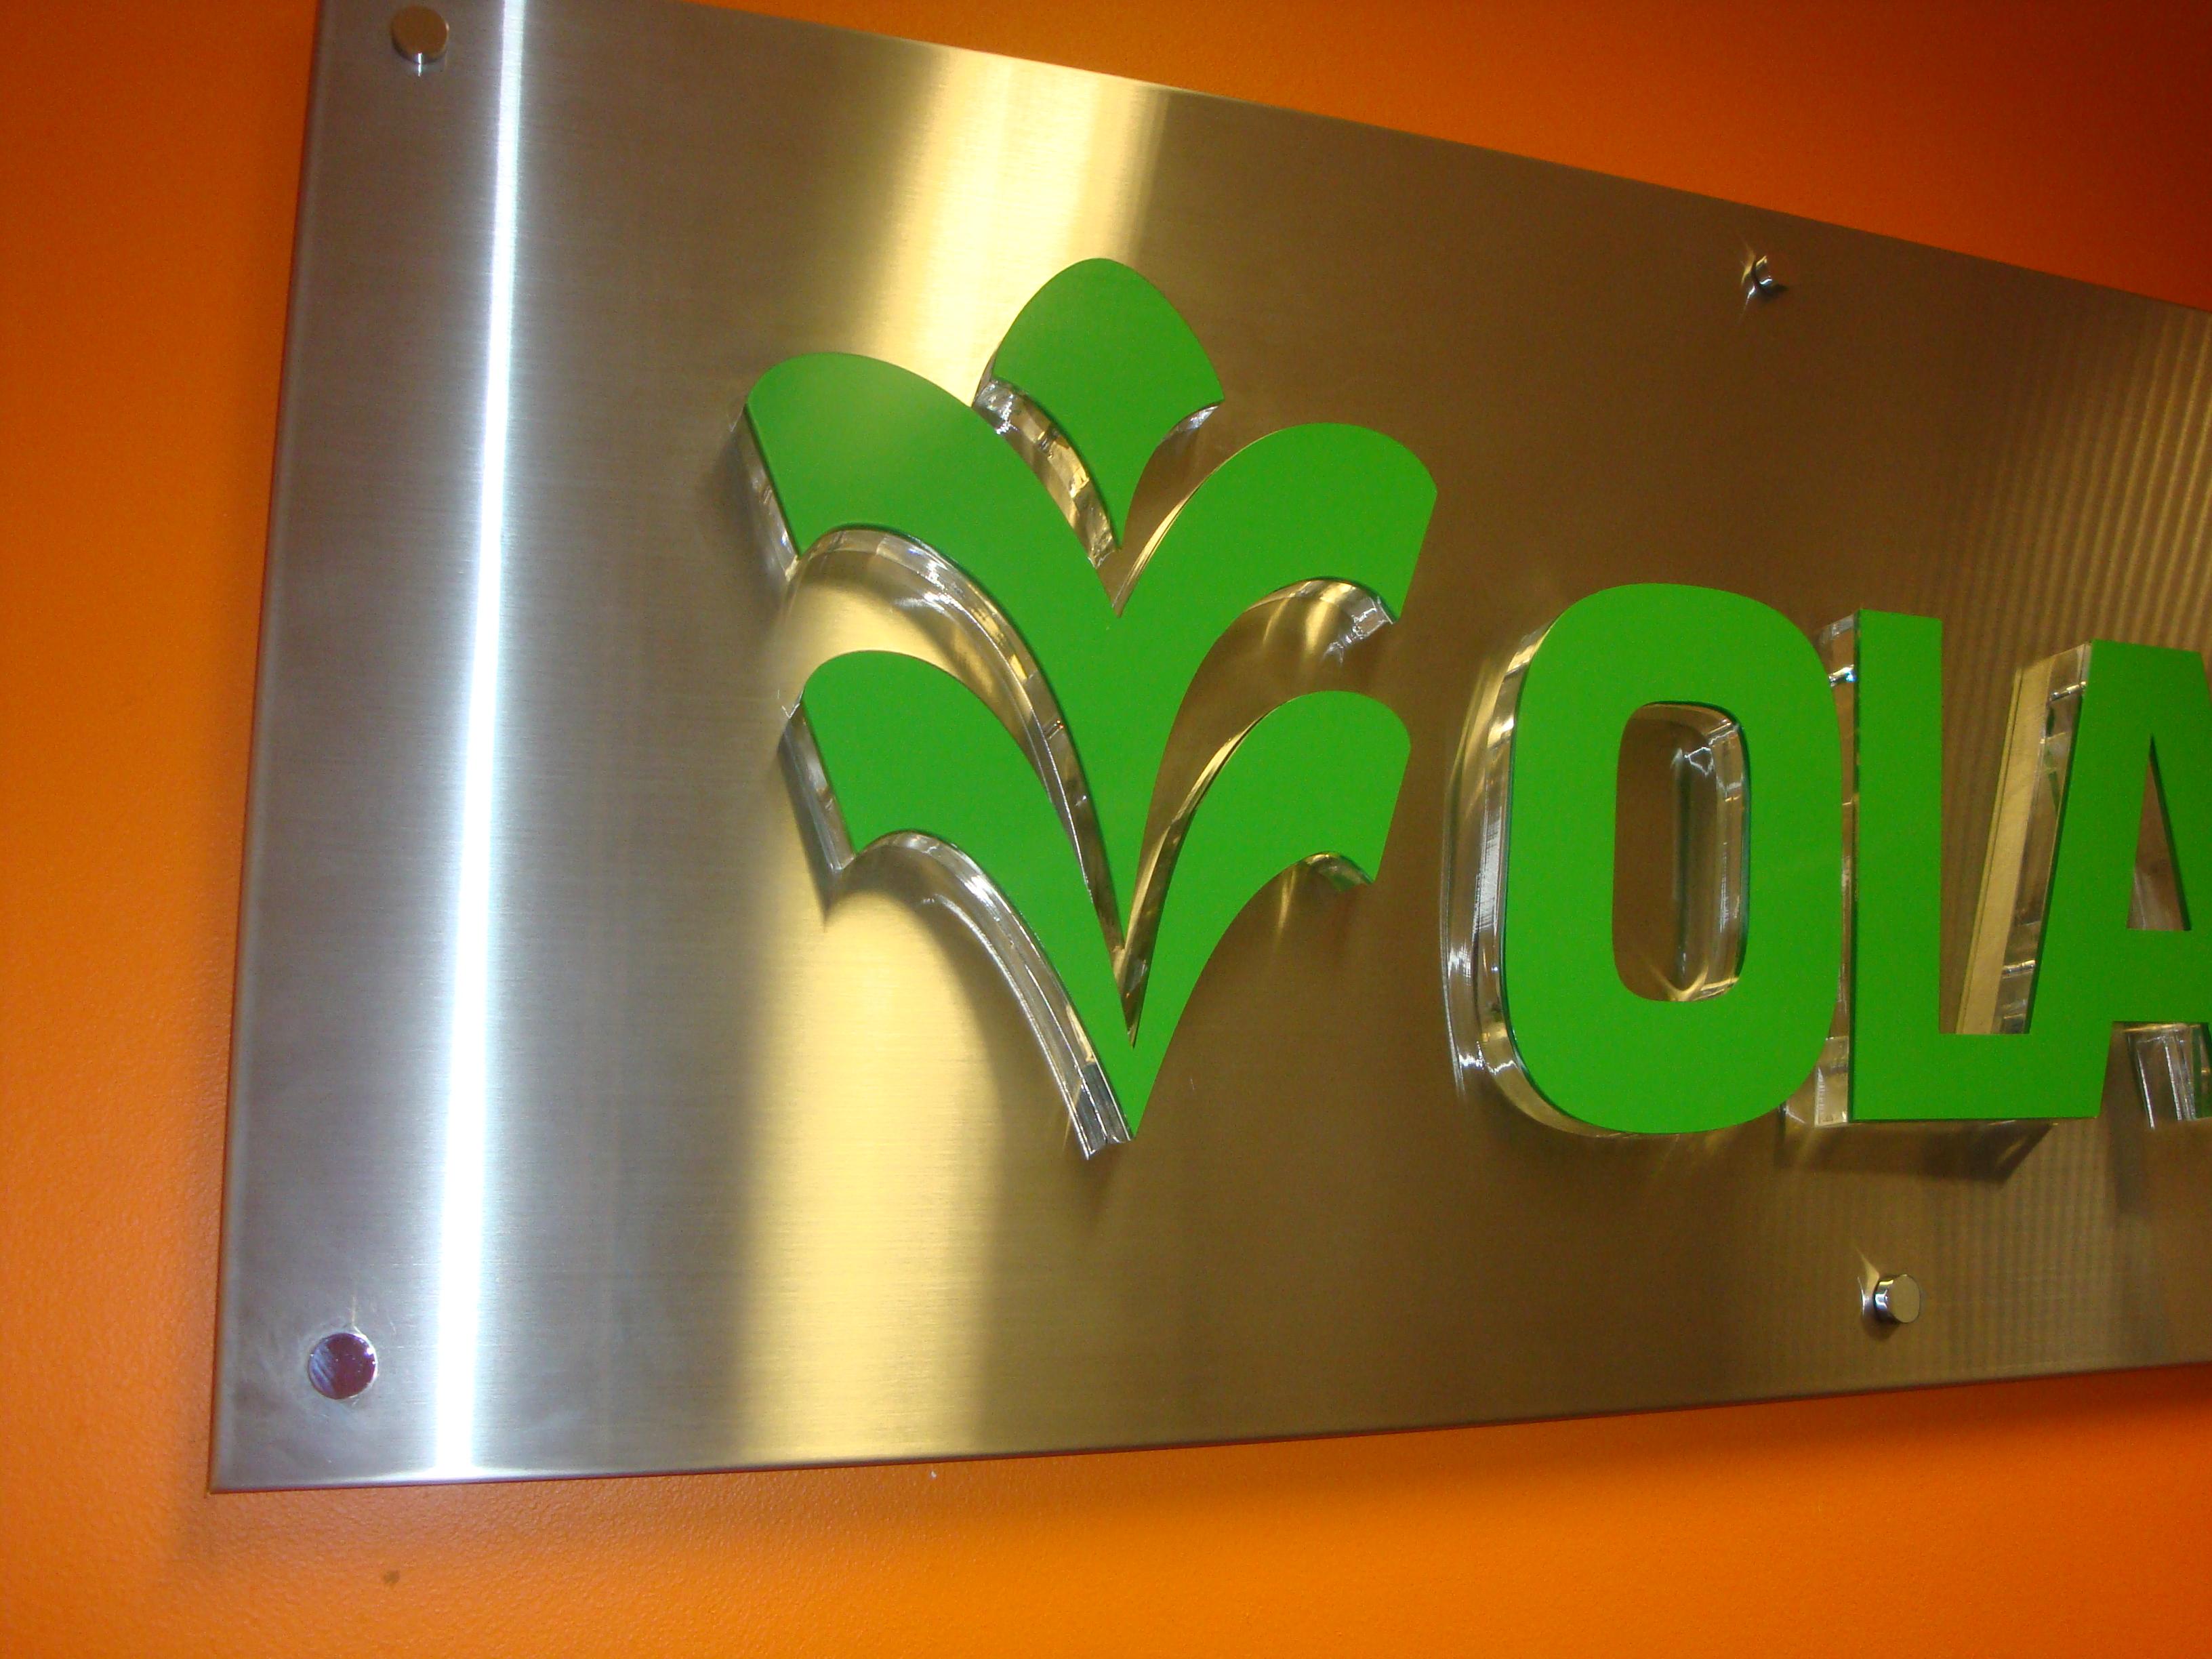 acrylic vinyl 3d letters